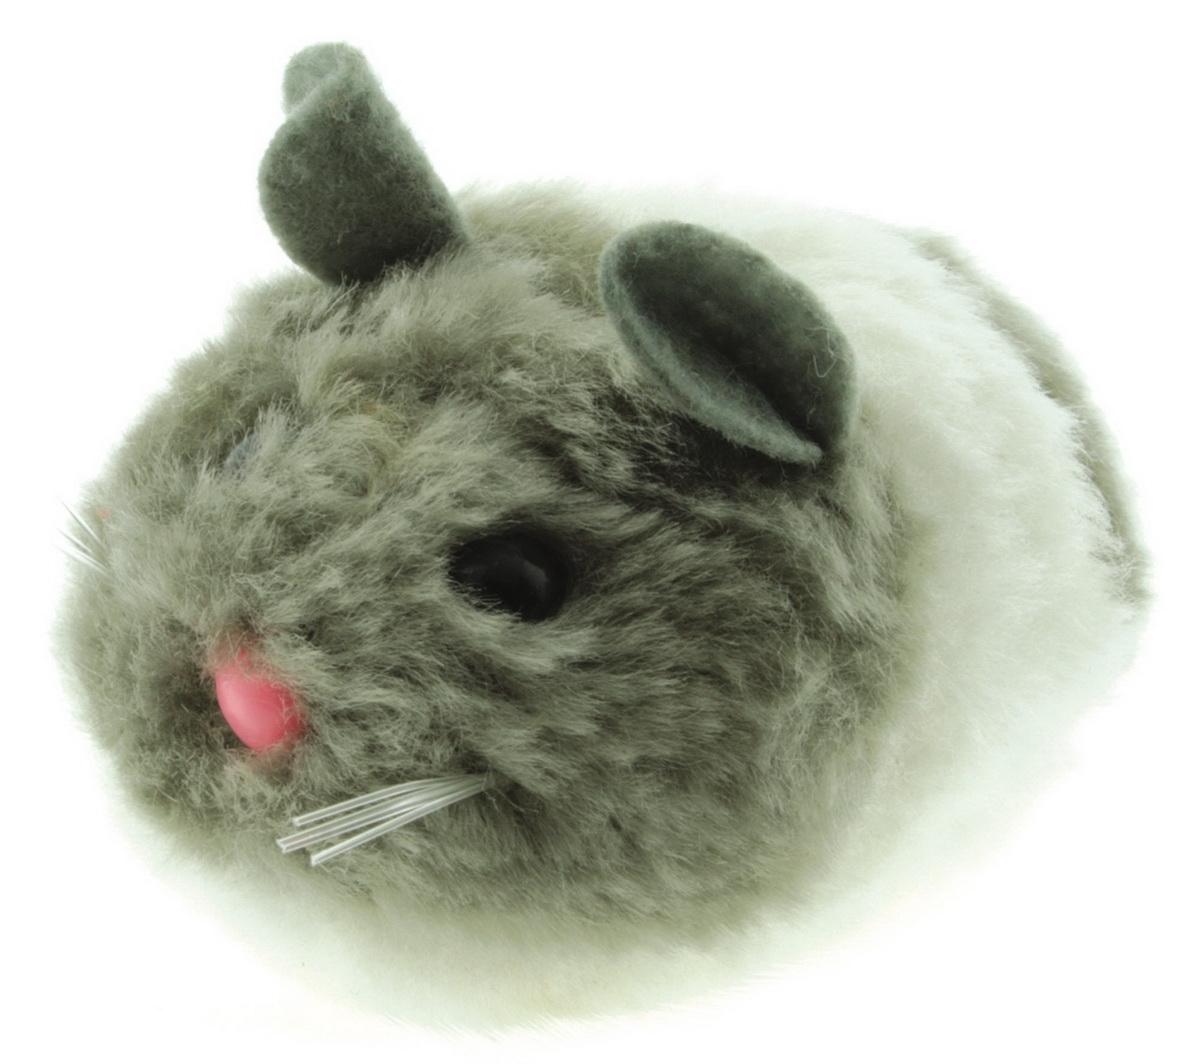 Игрушка для кошек Dezzie Мышь. Актив №3, цвет: серый, белый, 8 см5605093Игрушка для кошек Dezzie Мышь. Актив №3 изготовлена из искусственного меха и пластика.Такая игрушка порадует вашего любимца, а вам доставит массу приятных эмоций, ведь наблюдать за игрой всегда интересно и приятно.Игрушка Dezzie не только вызовет интерес у кошки, но и будет способствовать ее развитию. Все игрушки созданы из безопасных материалов высокого качества. Они будут долго служить и всегда смогут порадовать питомцев и их заботливых хозяев. Общая длина игрушки: 8 см.